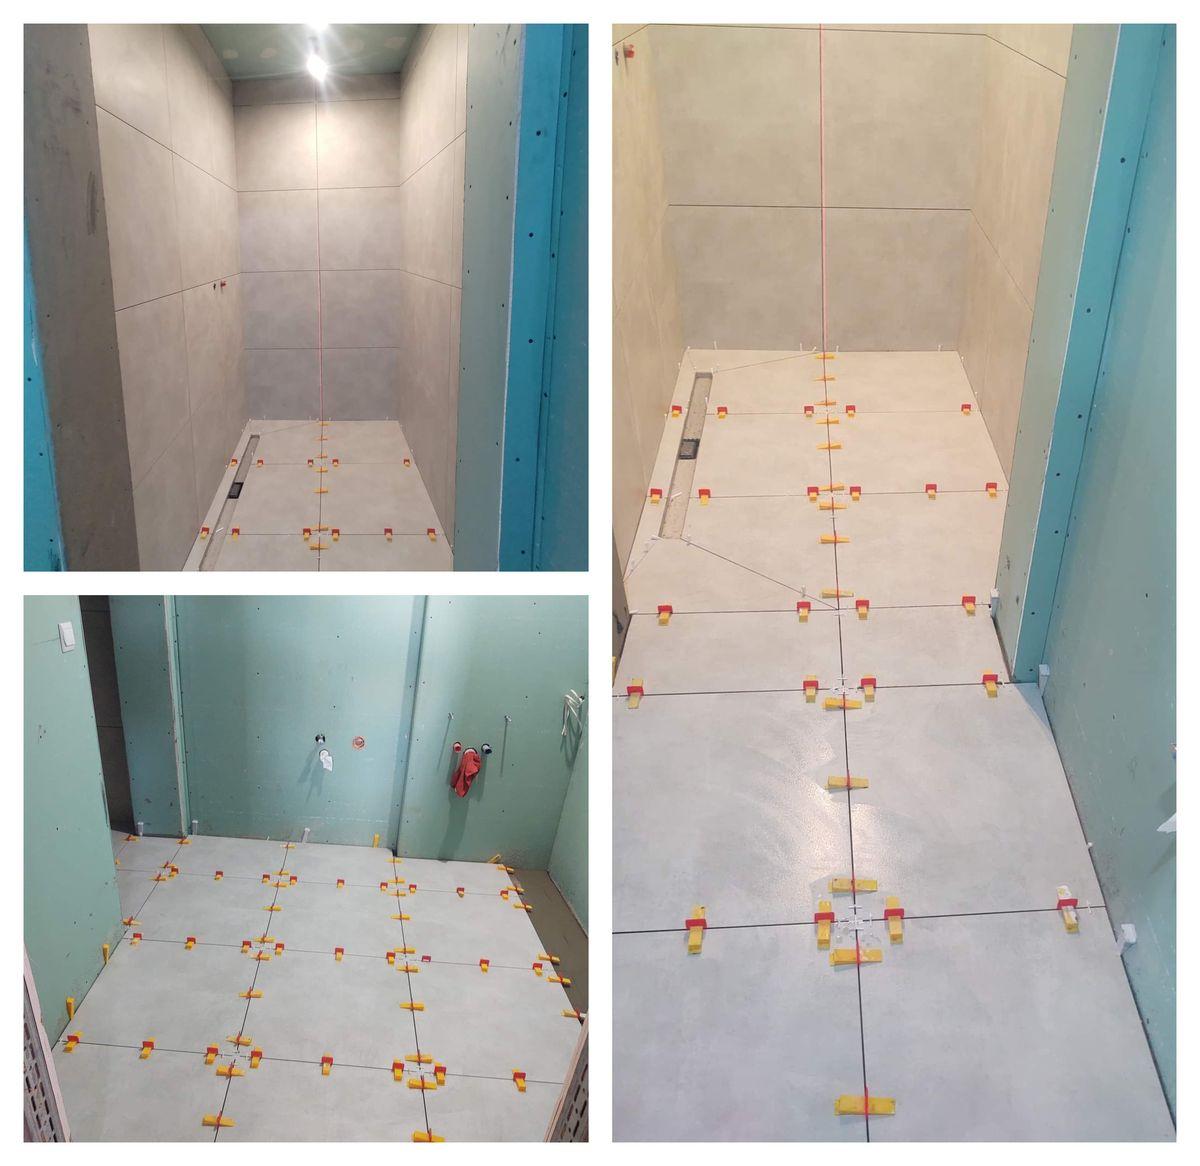 Prace nad remontem łazienki trwają, nadal jest jednak sporo do zrobienia